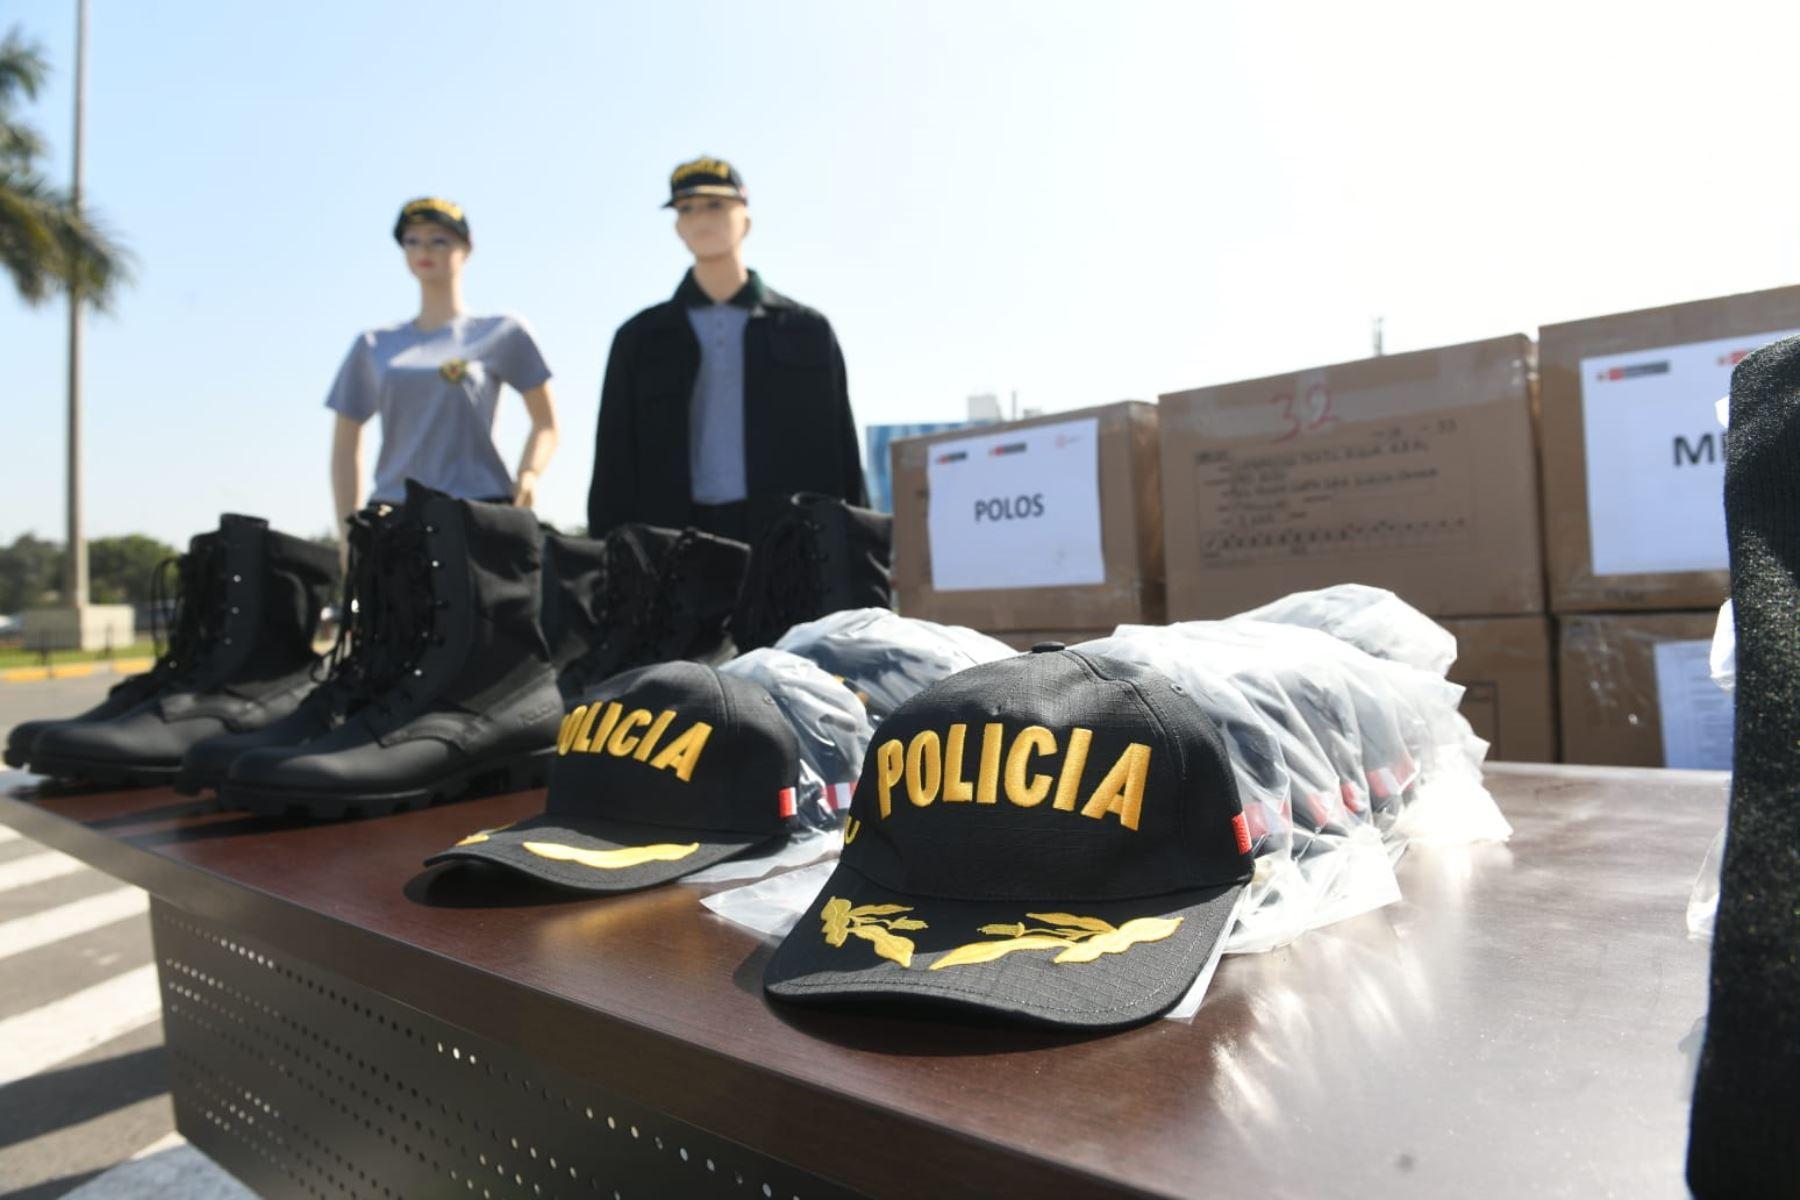 Ministro del Interior, José Elice, y la viceministra de Mype e Industria del Ministerio de la Producción, Rosa Ana Balcázar, participan en la ceremonia de entrega de primeros lotes de prendas de vestir para la PNP, producidas por las MYPE. Foto: Mininter